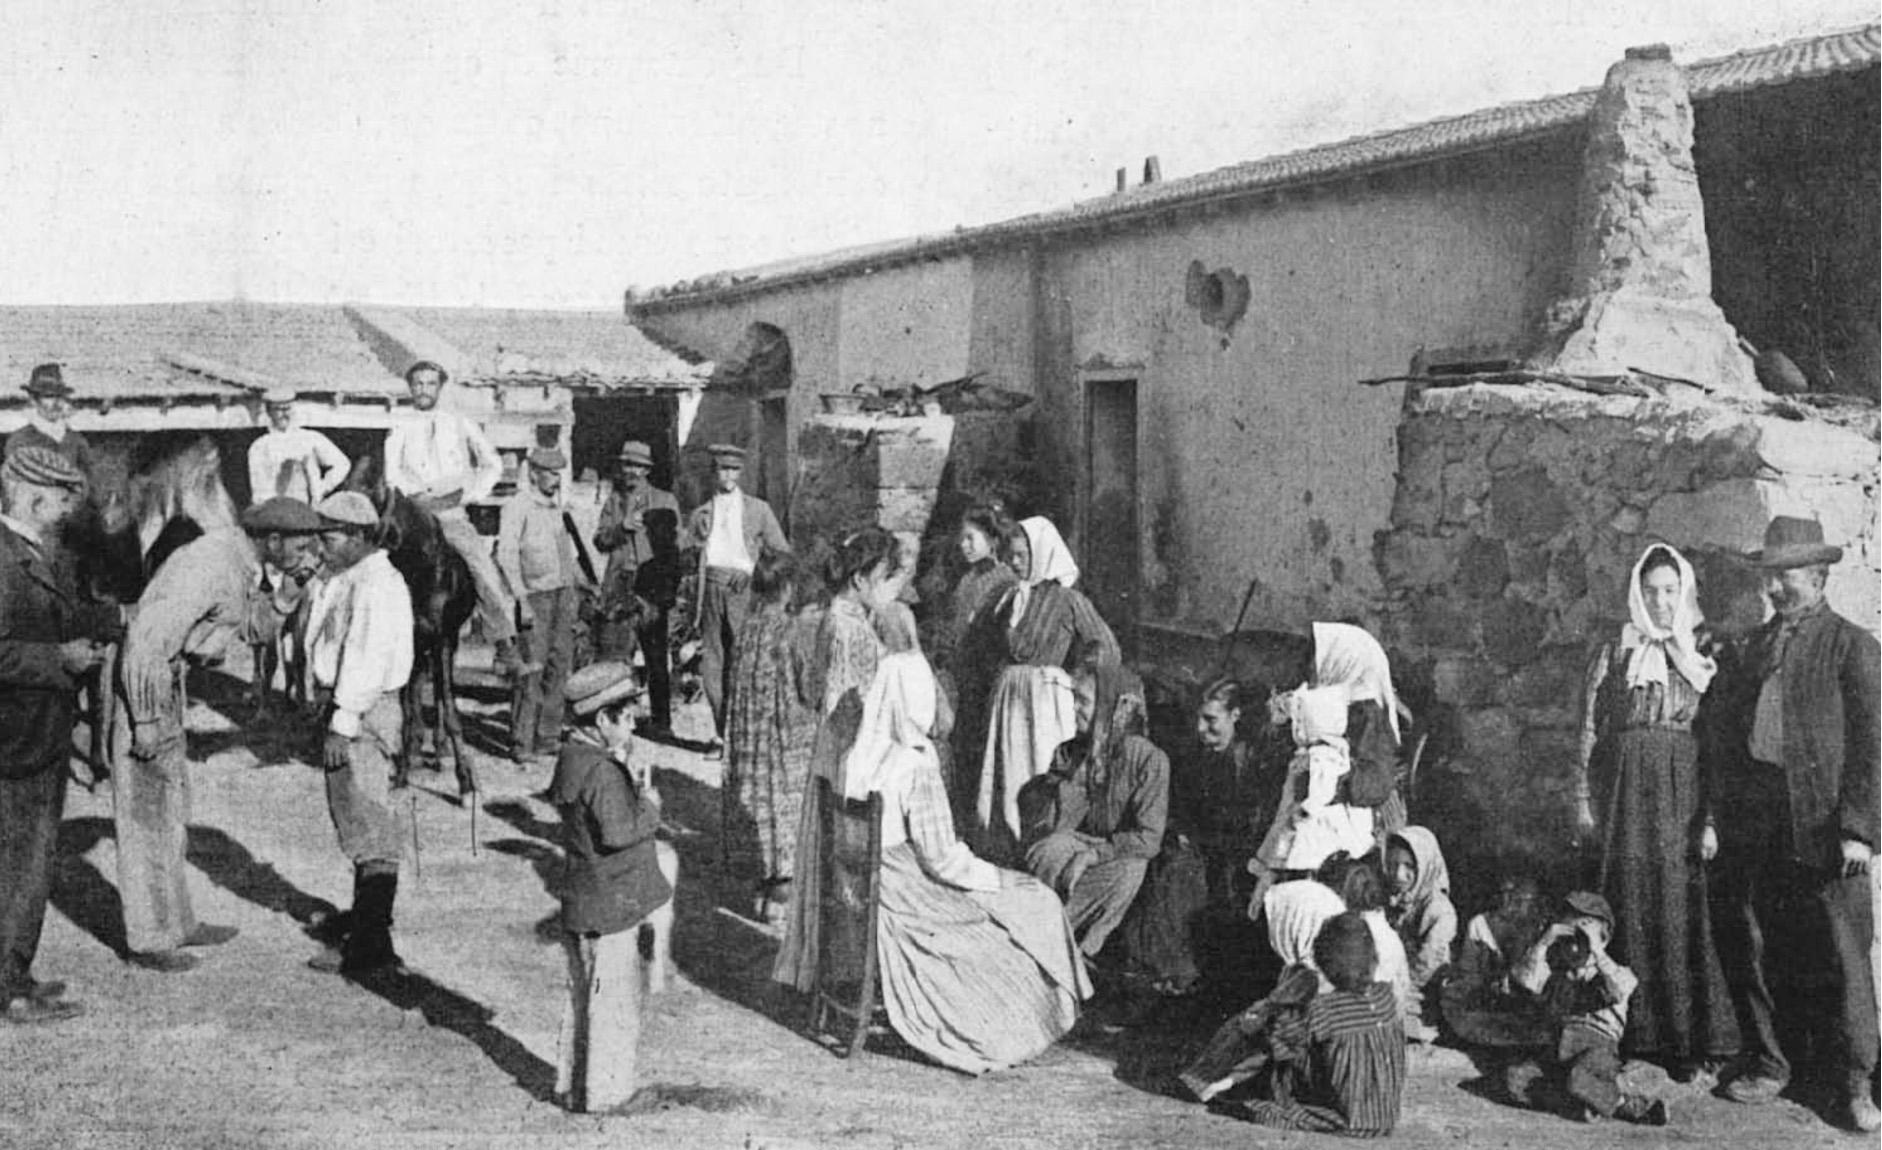 La banda dei siciliani - 3 part 6